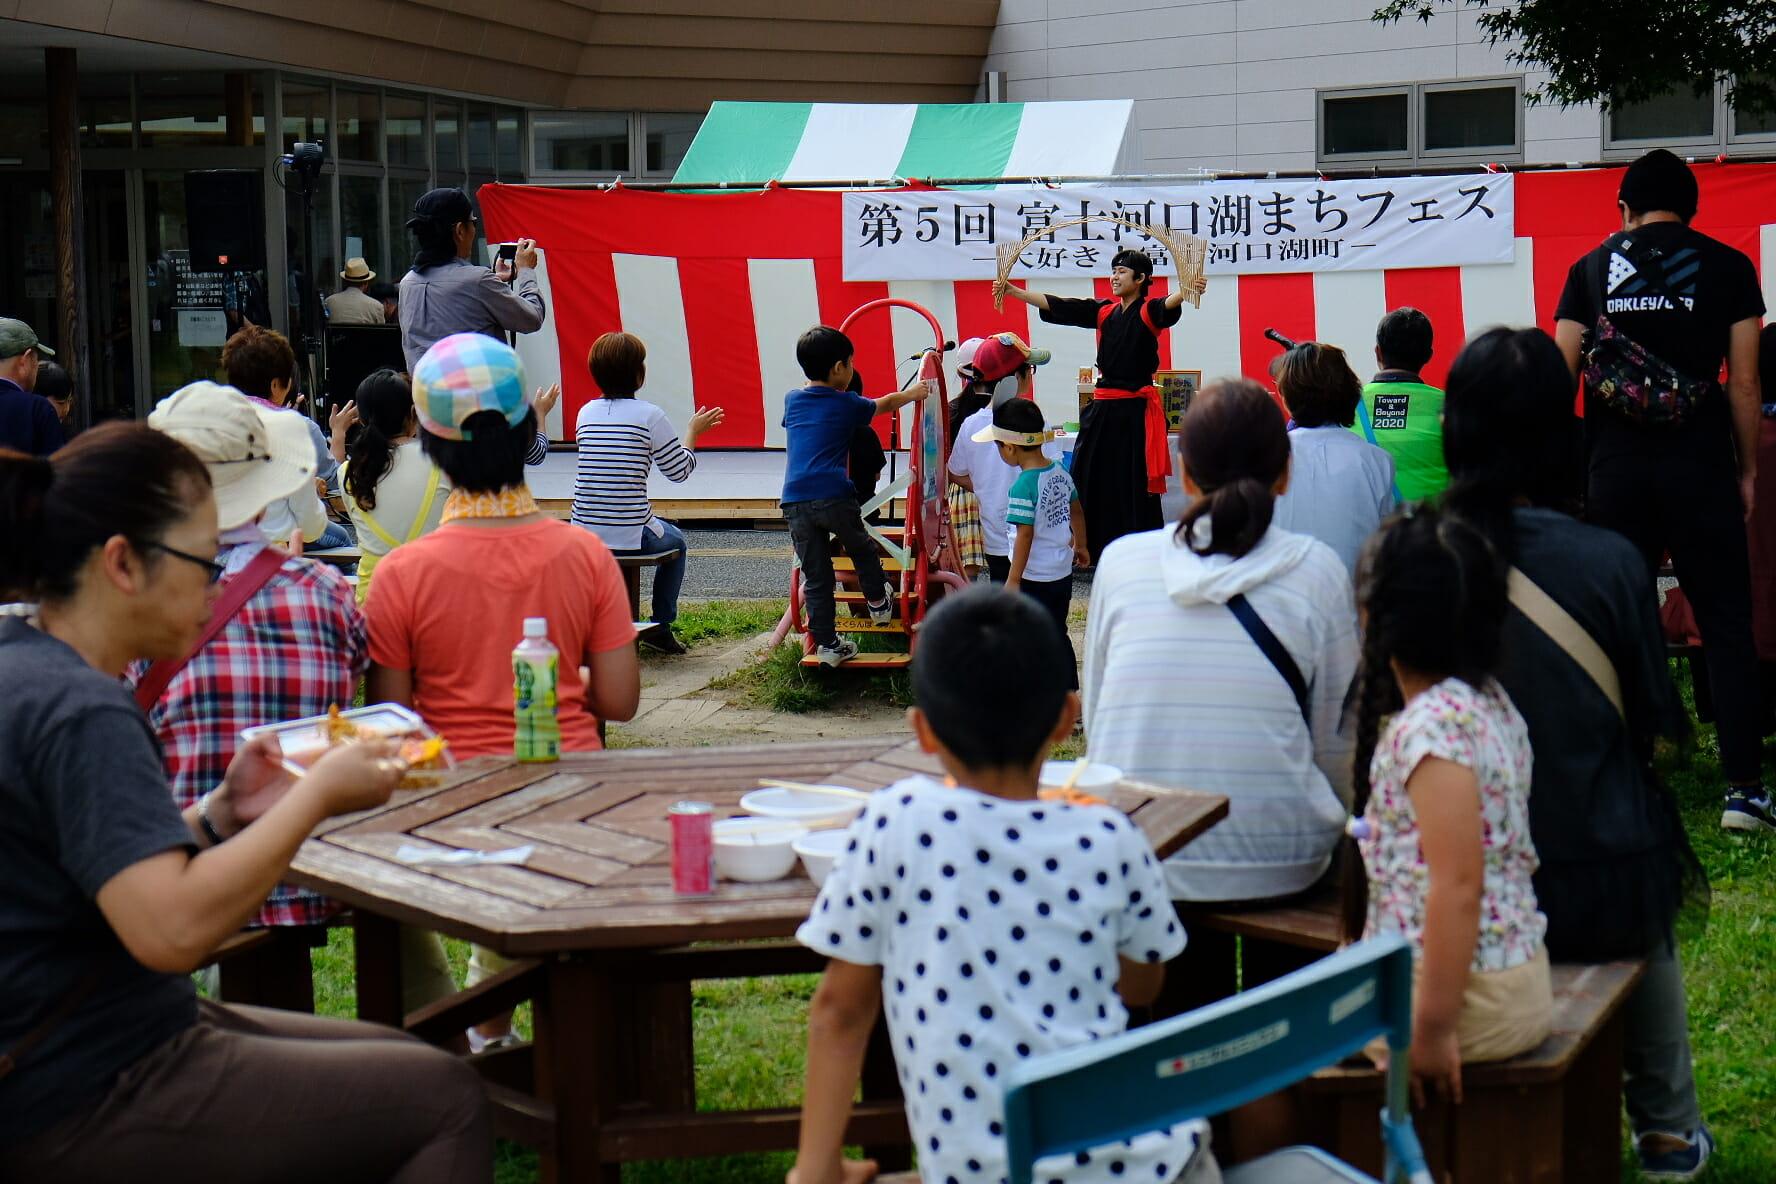 役場の庭に設けられたメインステージでの「南京玉すだれ」の実演。この後が「筑波山のがまの油売り」でした。